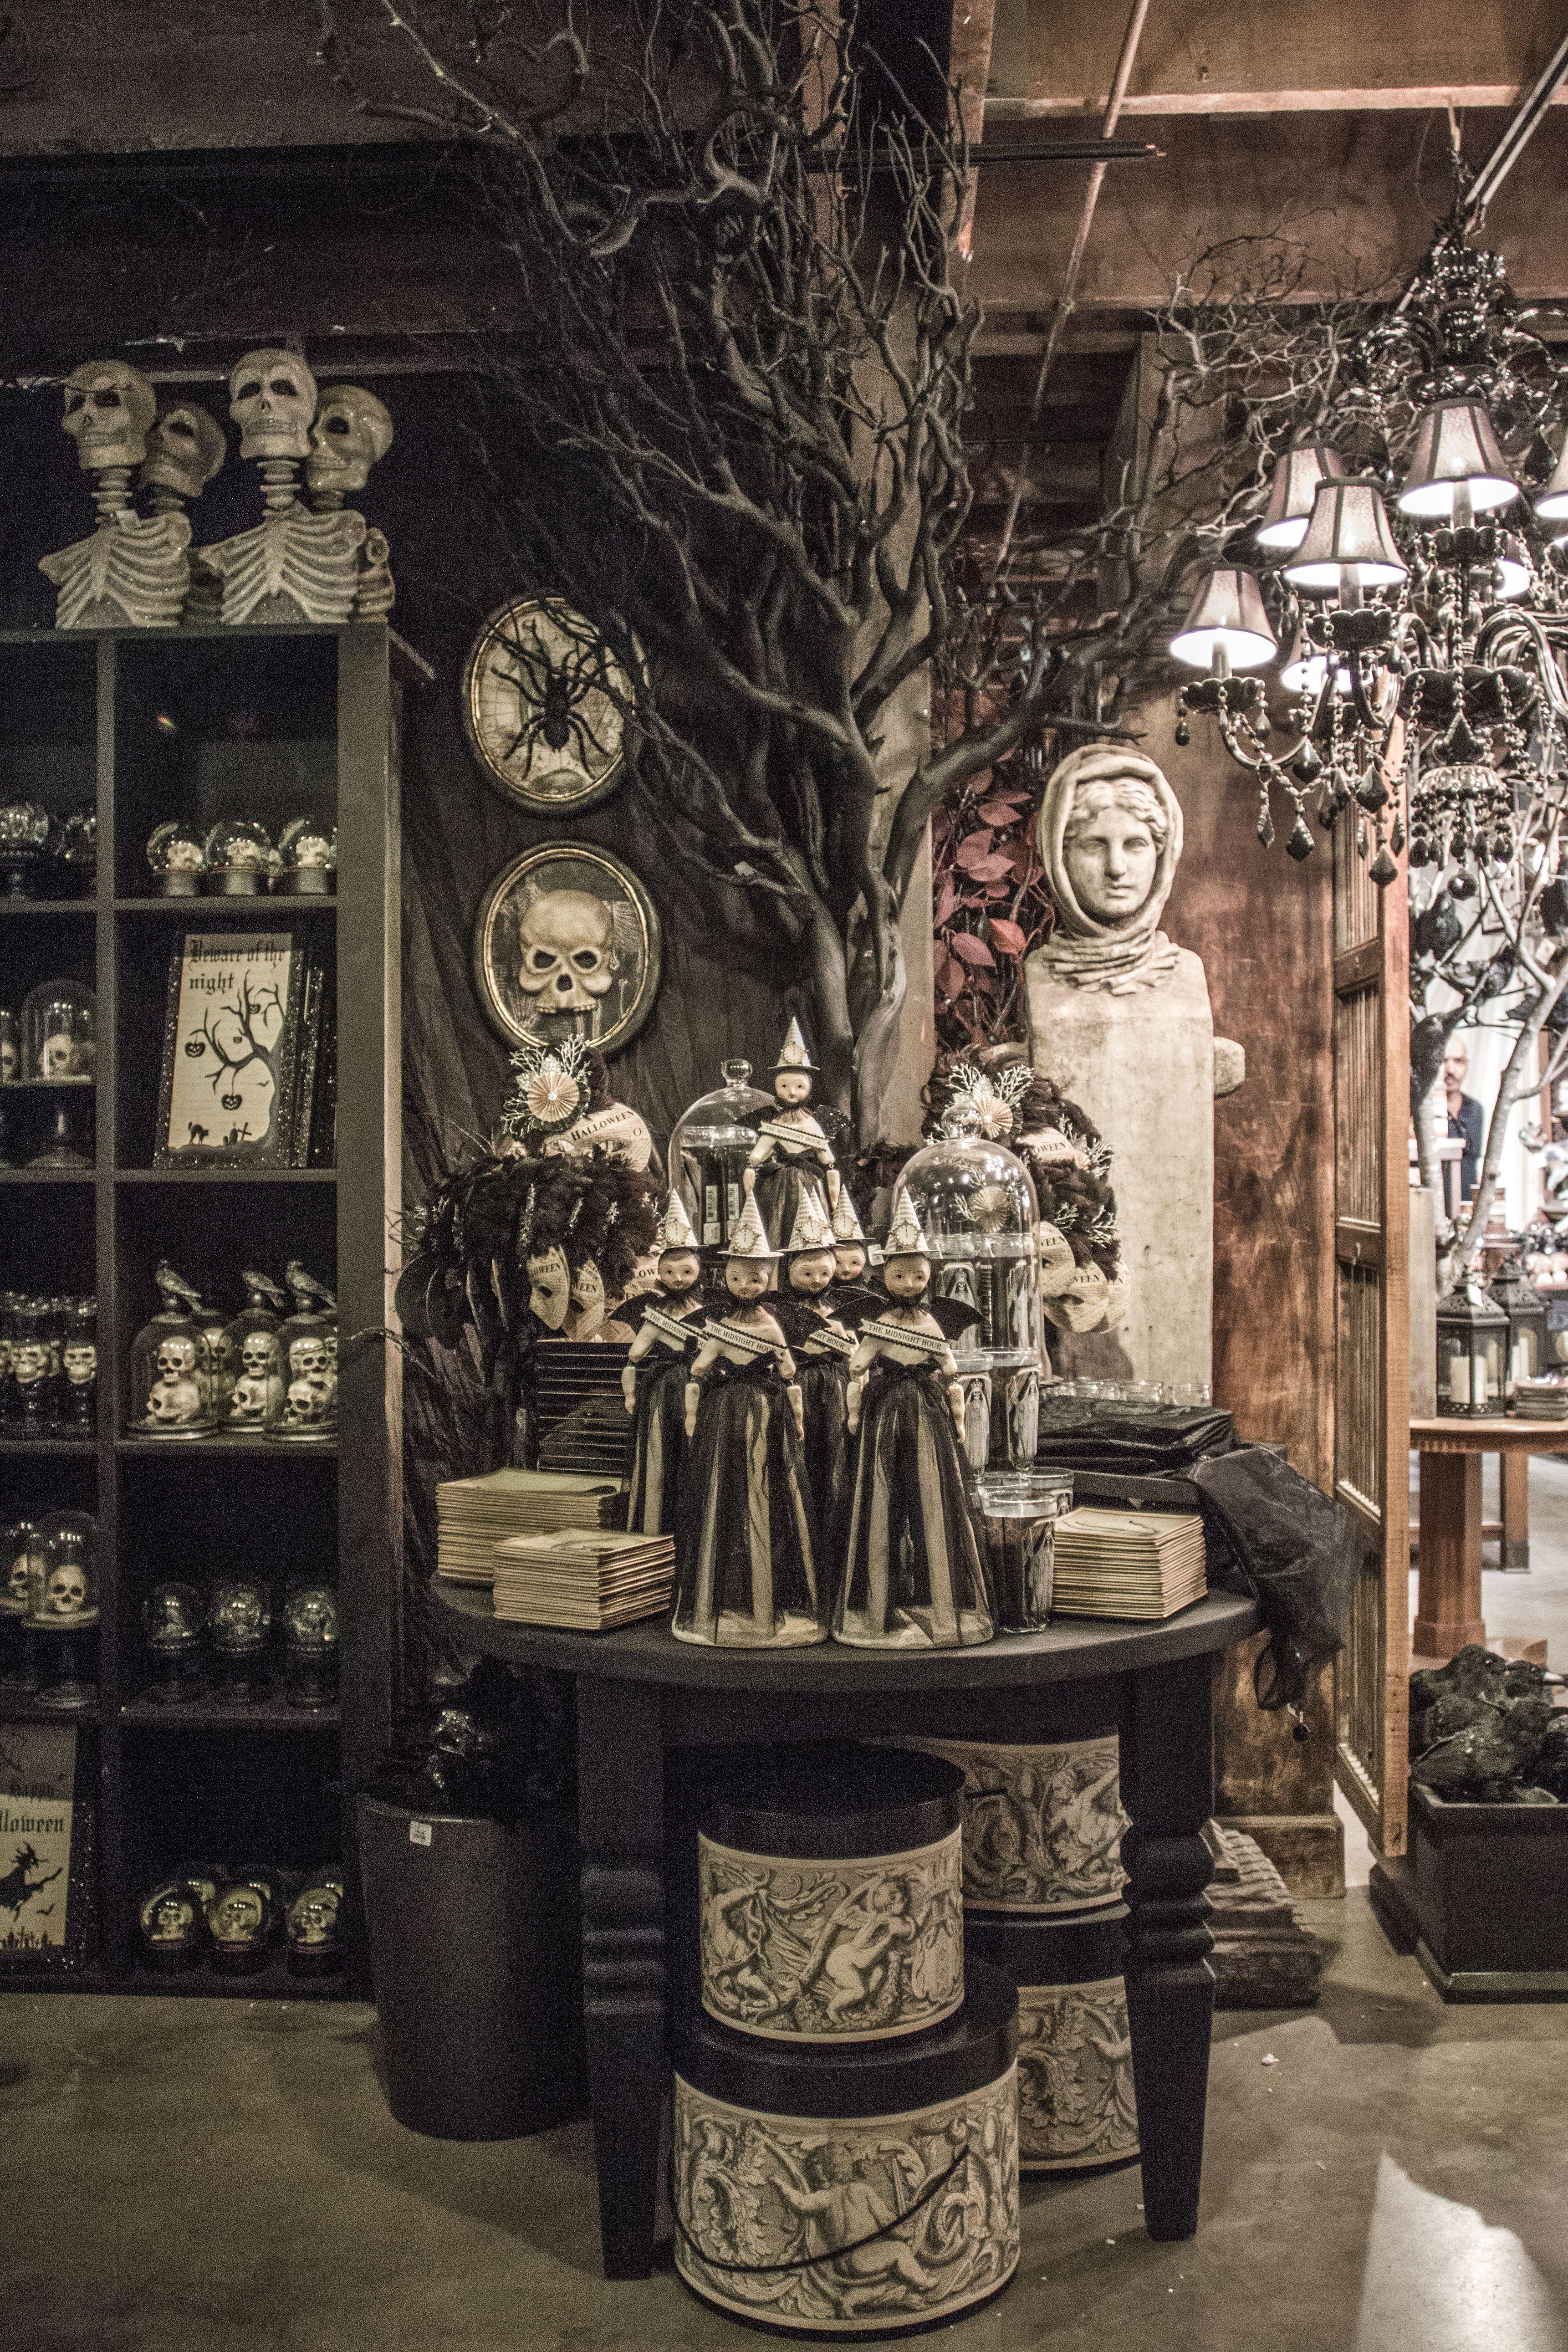 die besten 25 halloween 9 ideen auf pinterest halloween party ideen f r erwachsene the idea. Black Bedroom Furniture Sets. Home Design Ideas